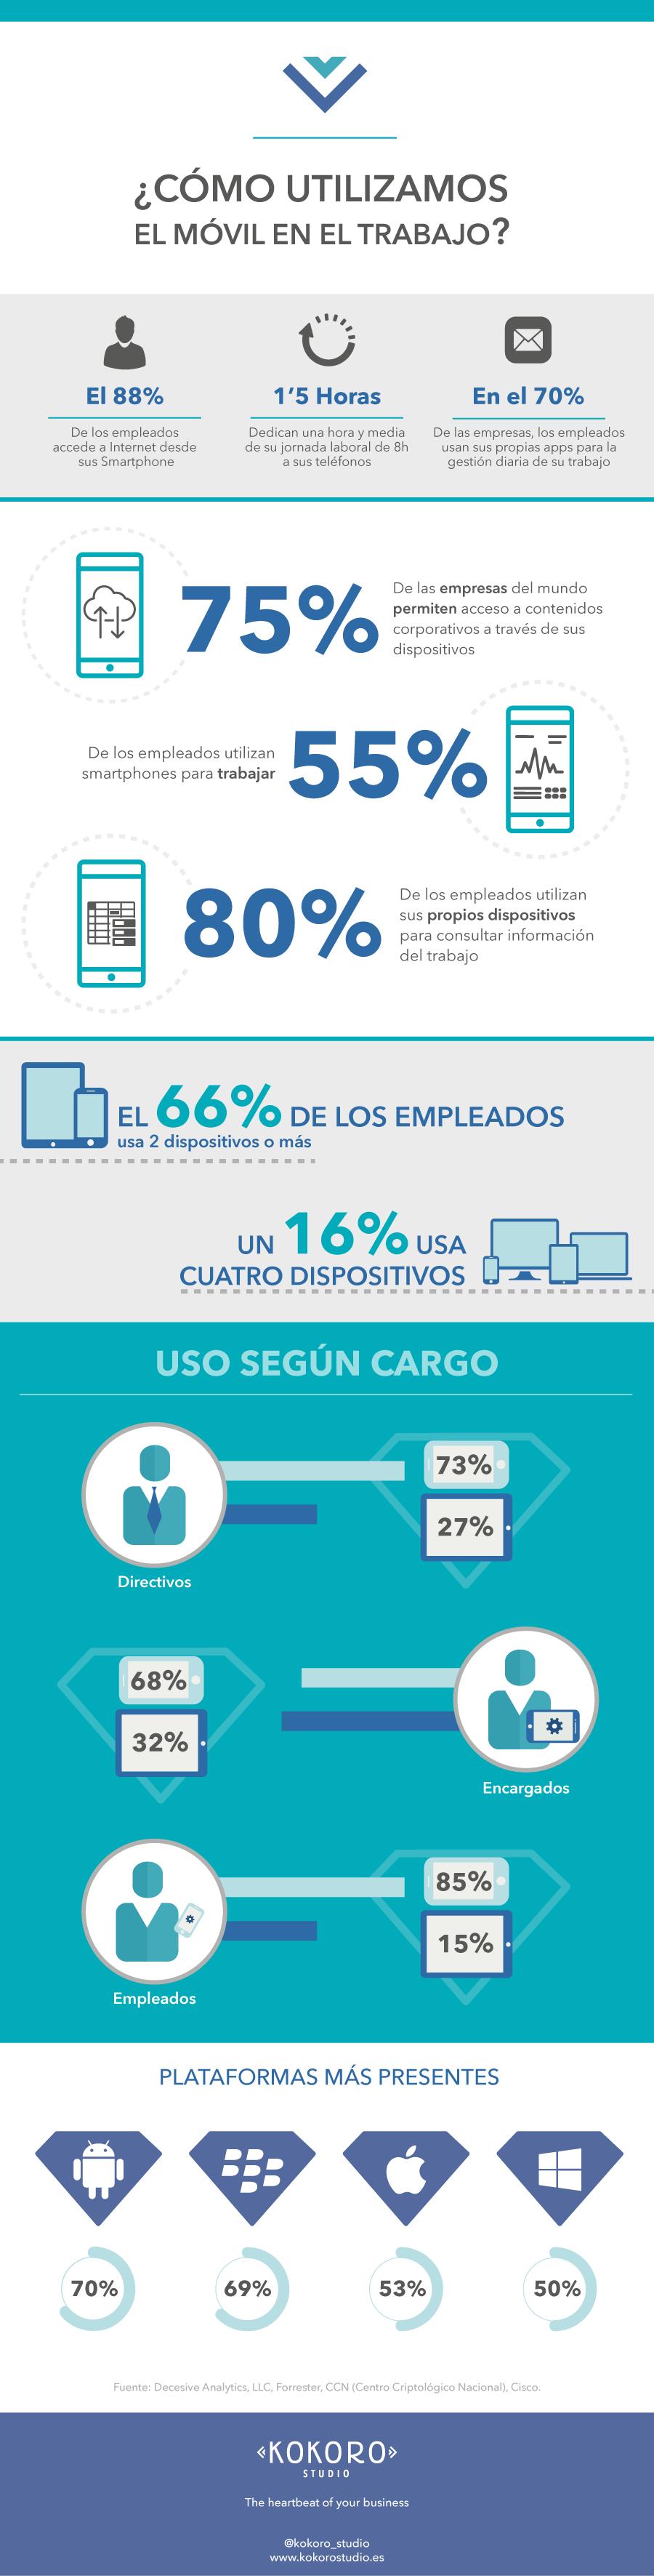 kokoro_infographic_spanish